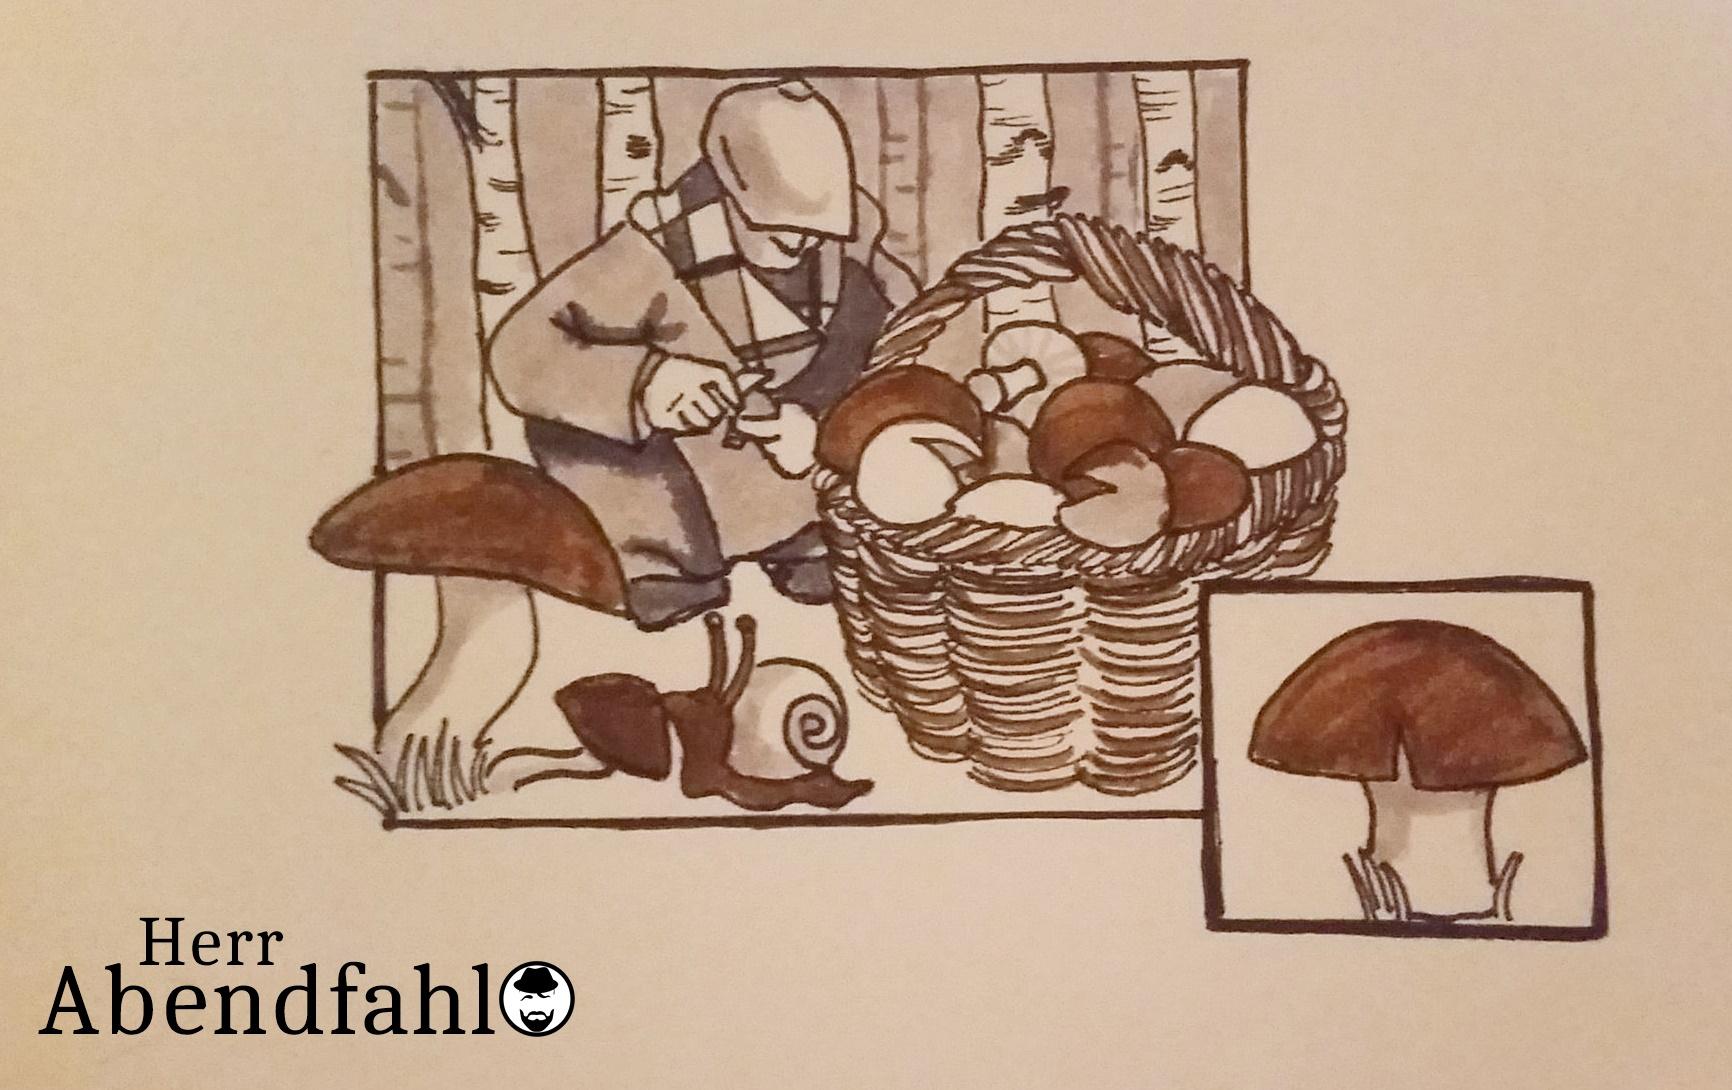 Herr Abendfahl geht in die Pilze